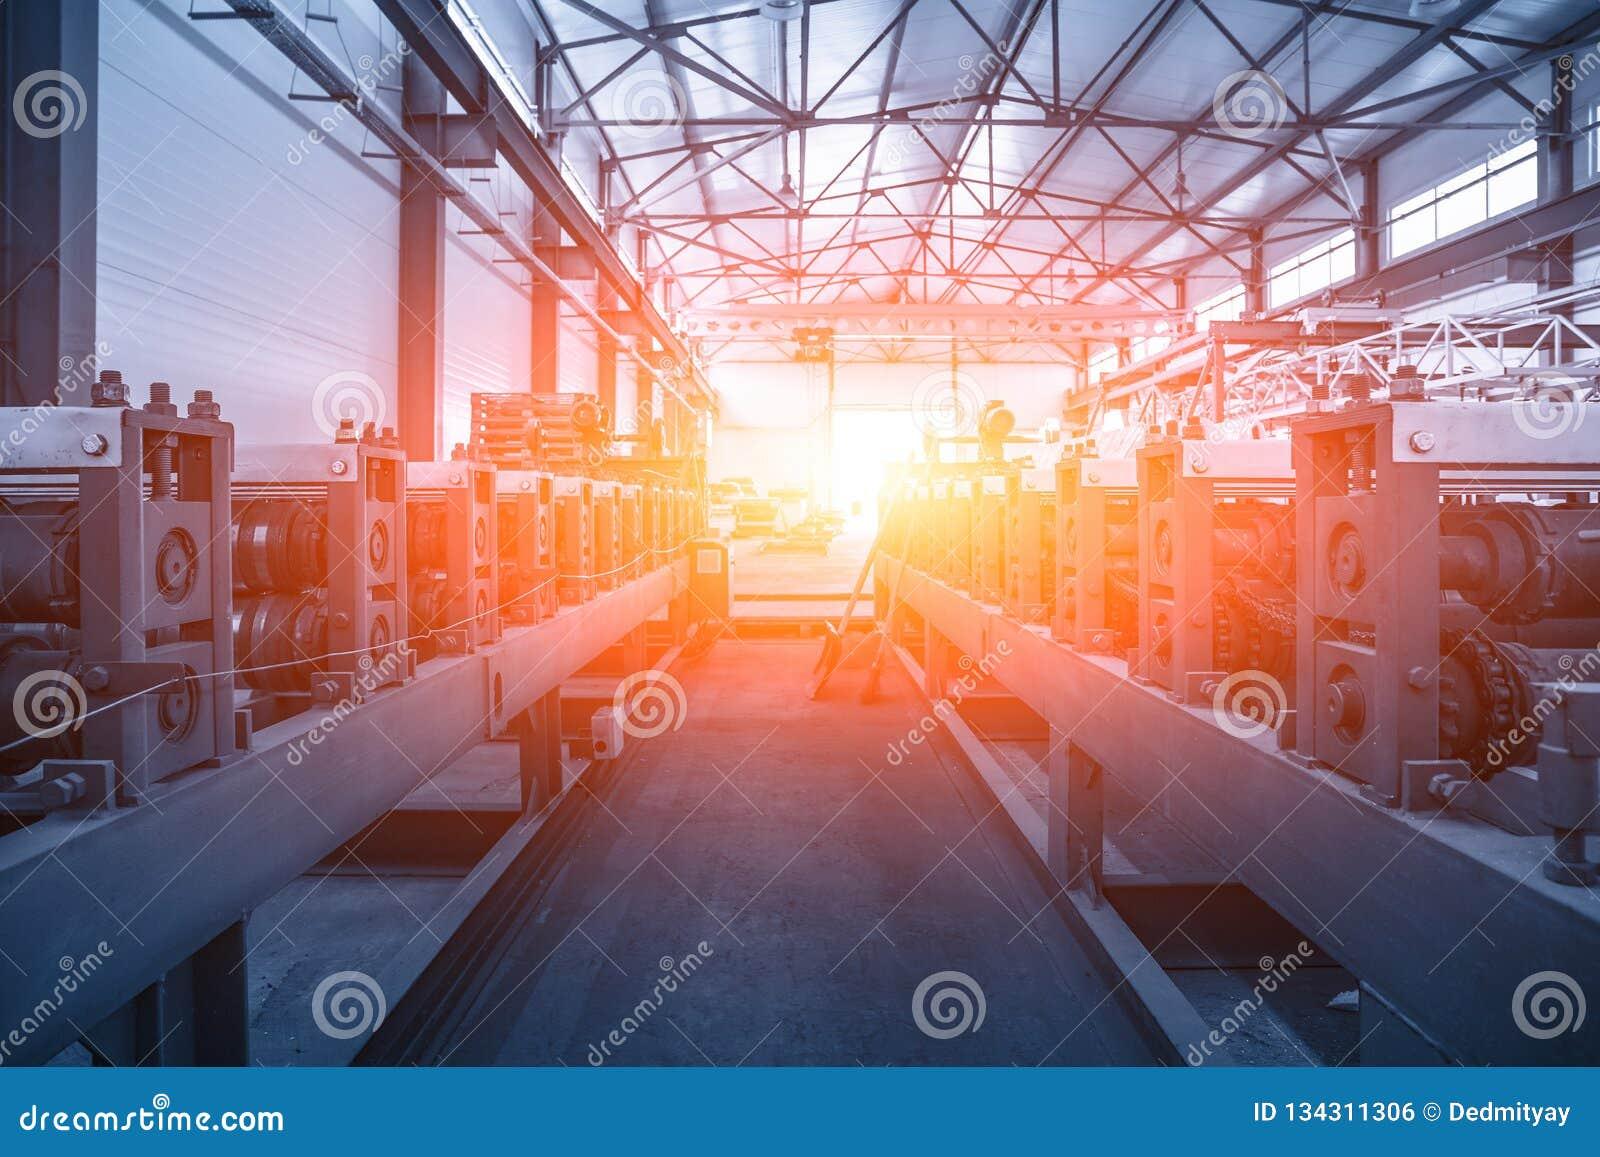 Przemysłowy fabryczny wnętrze z konwejer linią dla metal rolki tworzy jako abstrakcjonistyczny przemysłu tło